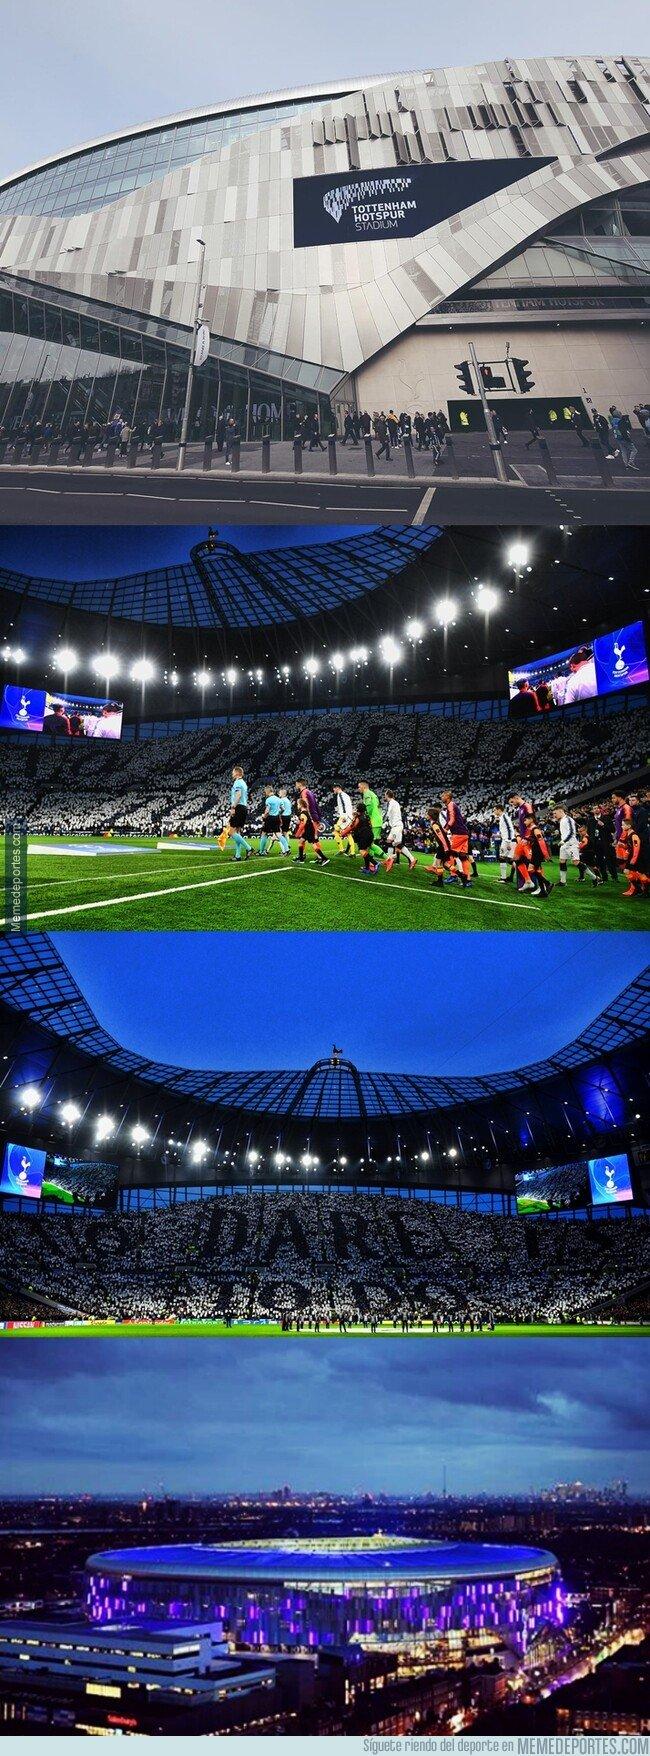 1070871 - La primera noche de Champions en la historia del Tottenham Stadium